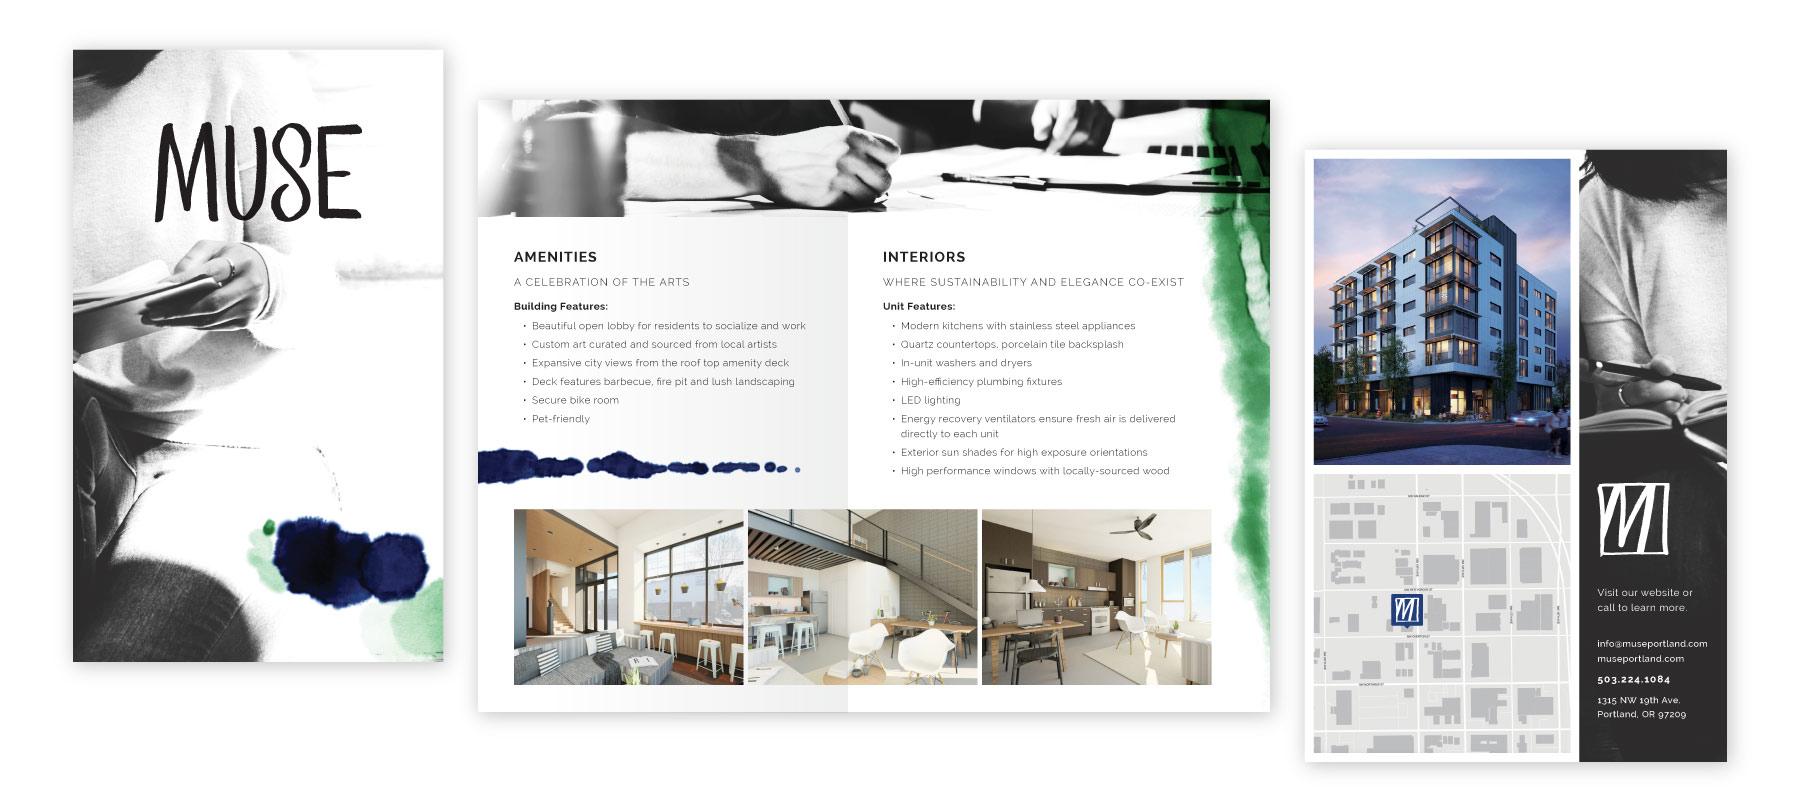 Muse-Brochure.jpg